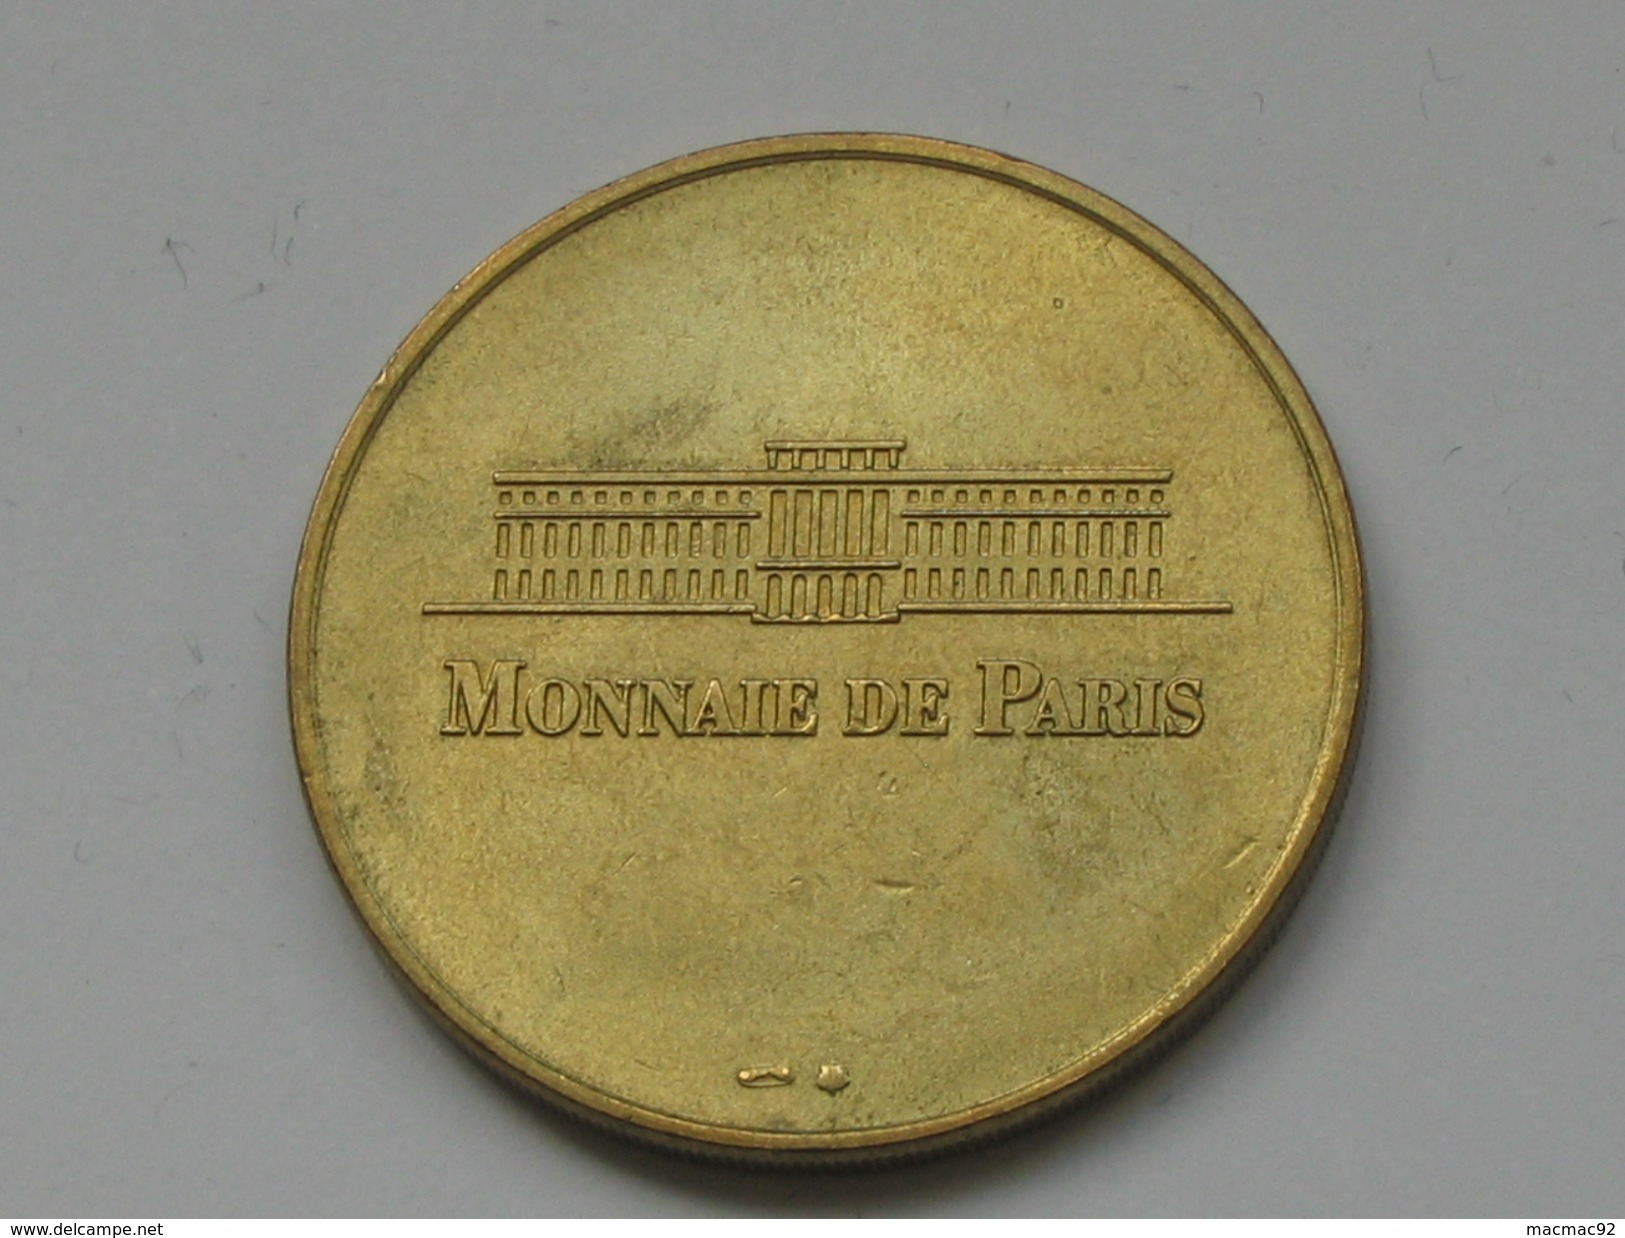 Monnaie De Paris 1997-1998 - SAINTE CHAPELLE    **** EN ACHAT IMMEDIAT  **** - Monnaie De Paris